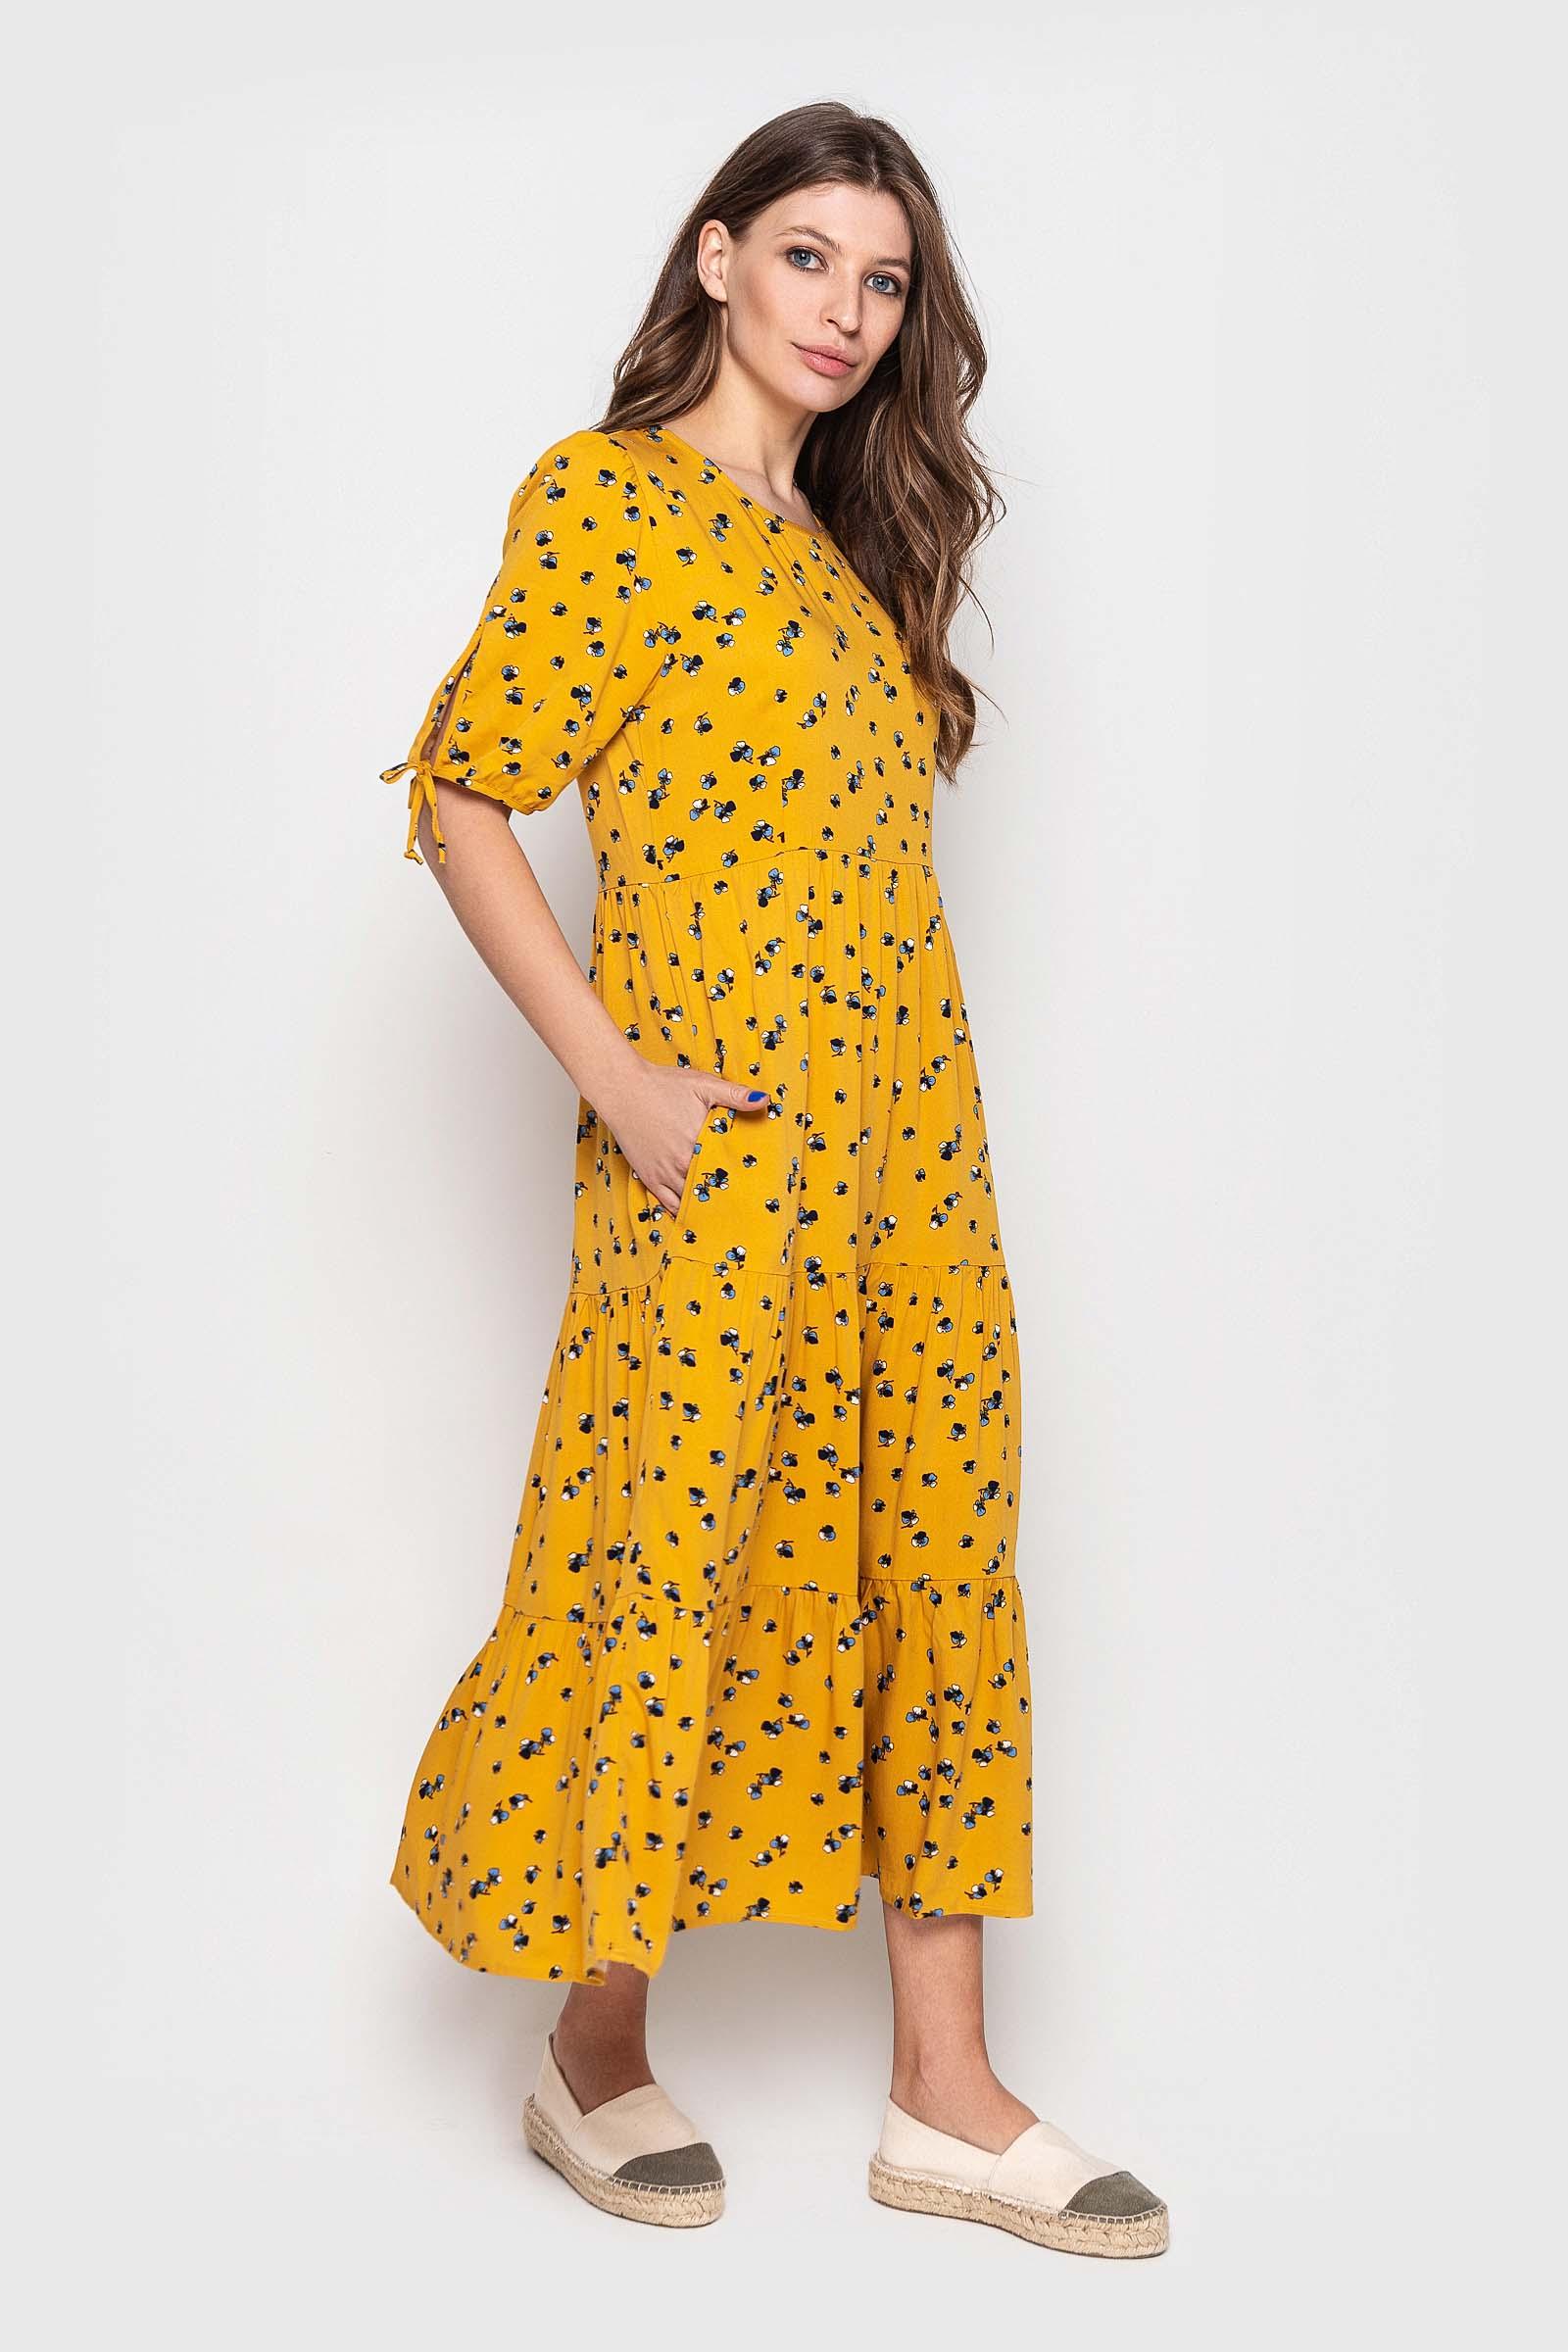 2021 04 10 poltava31943 Купить платье